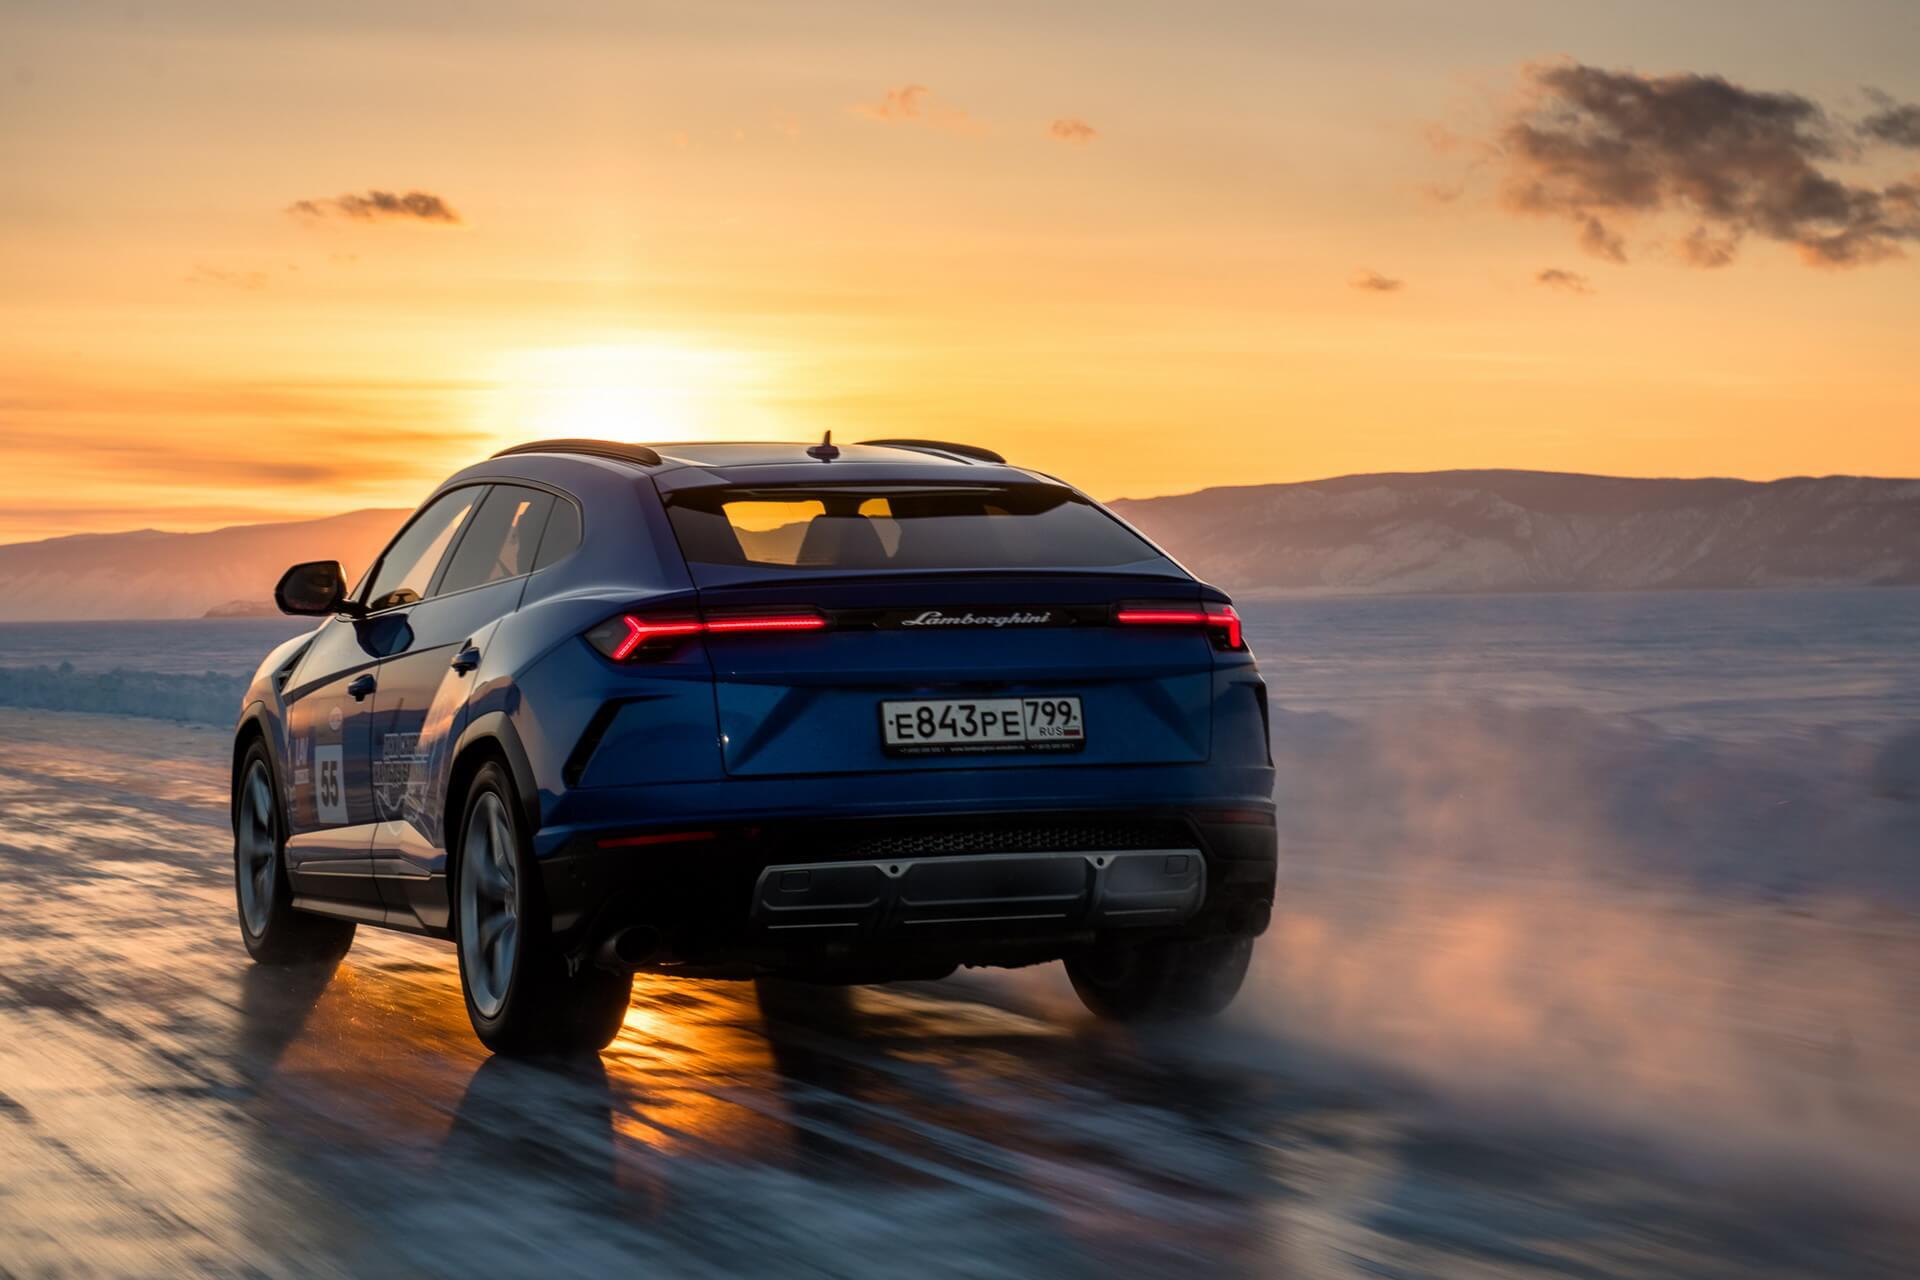 Lamborghini Urus gelo